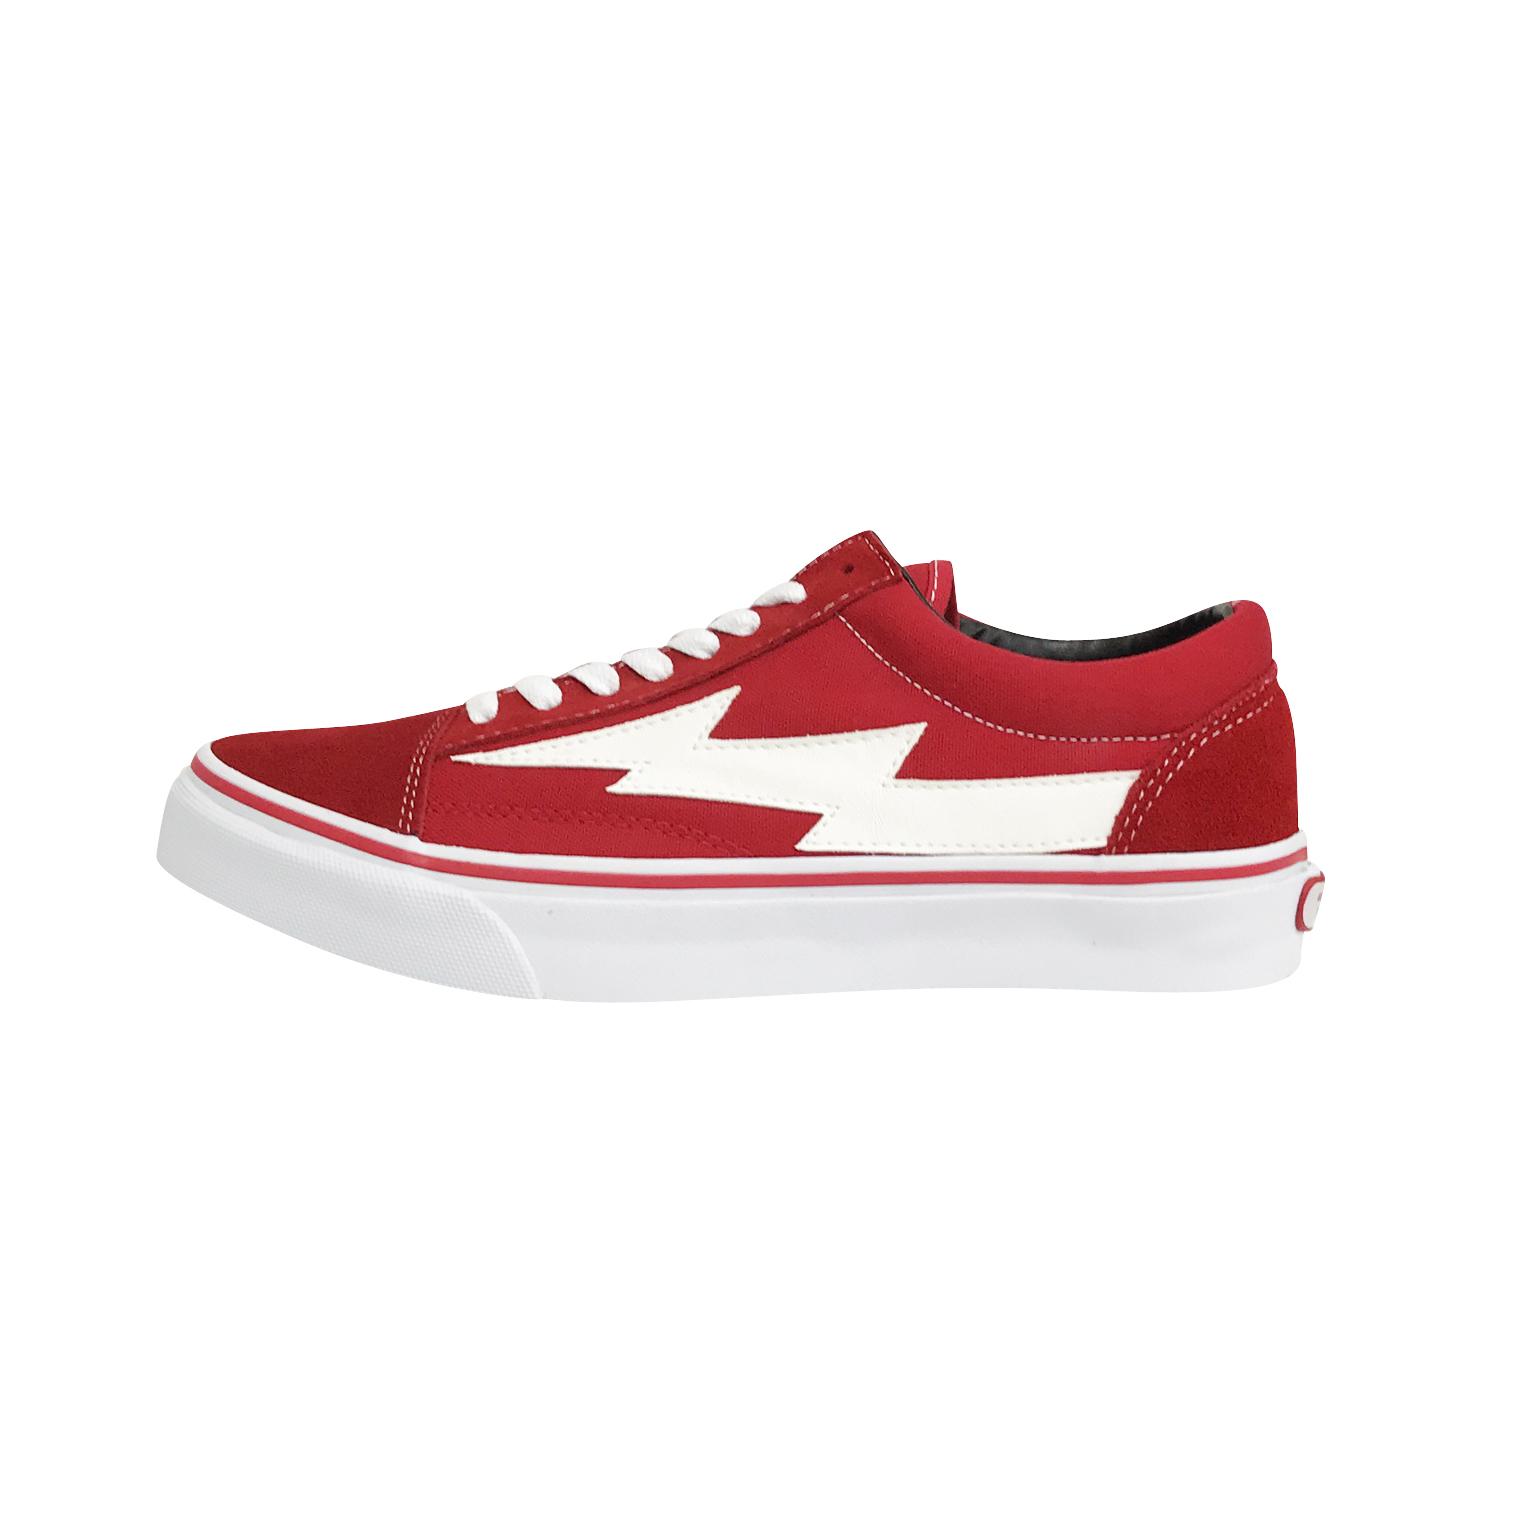 Revenge X Storm Red Sneaker New